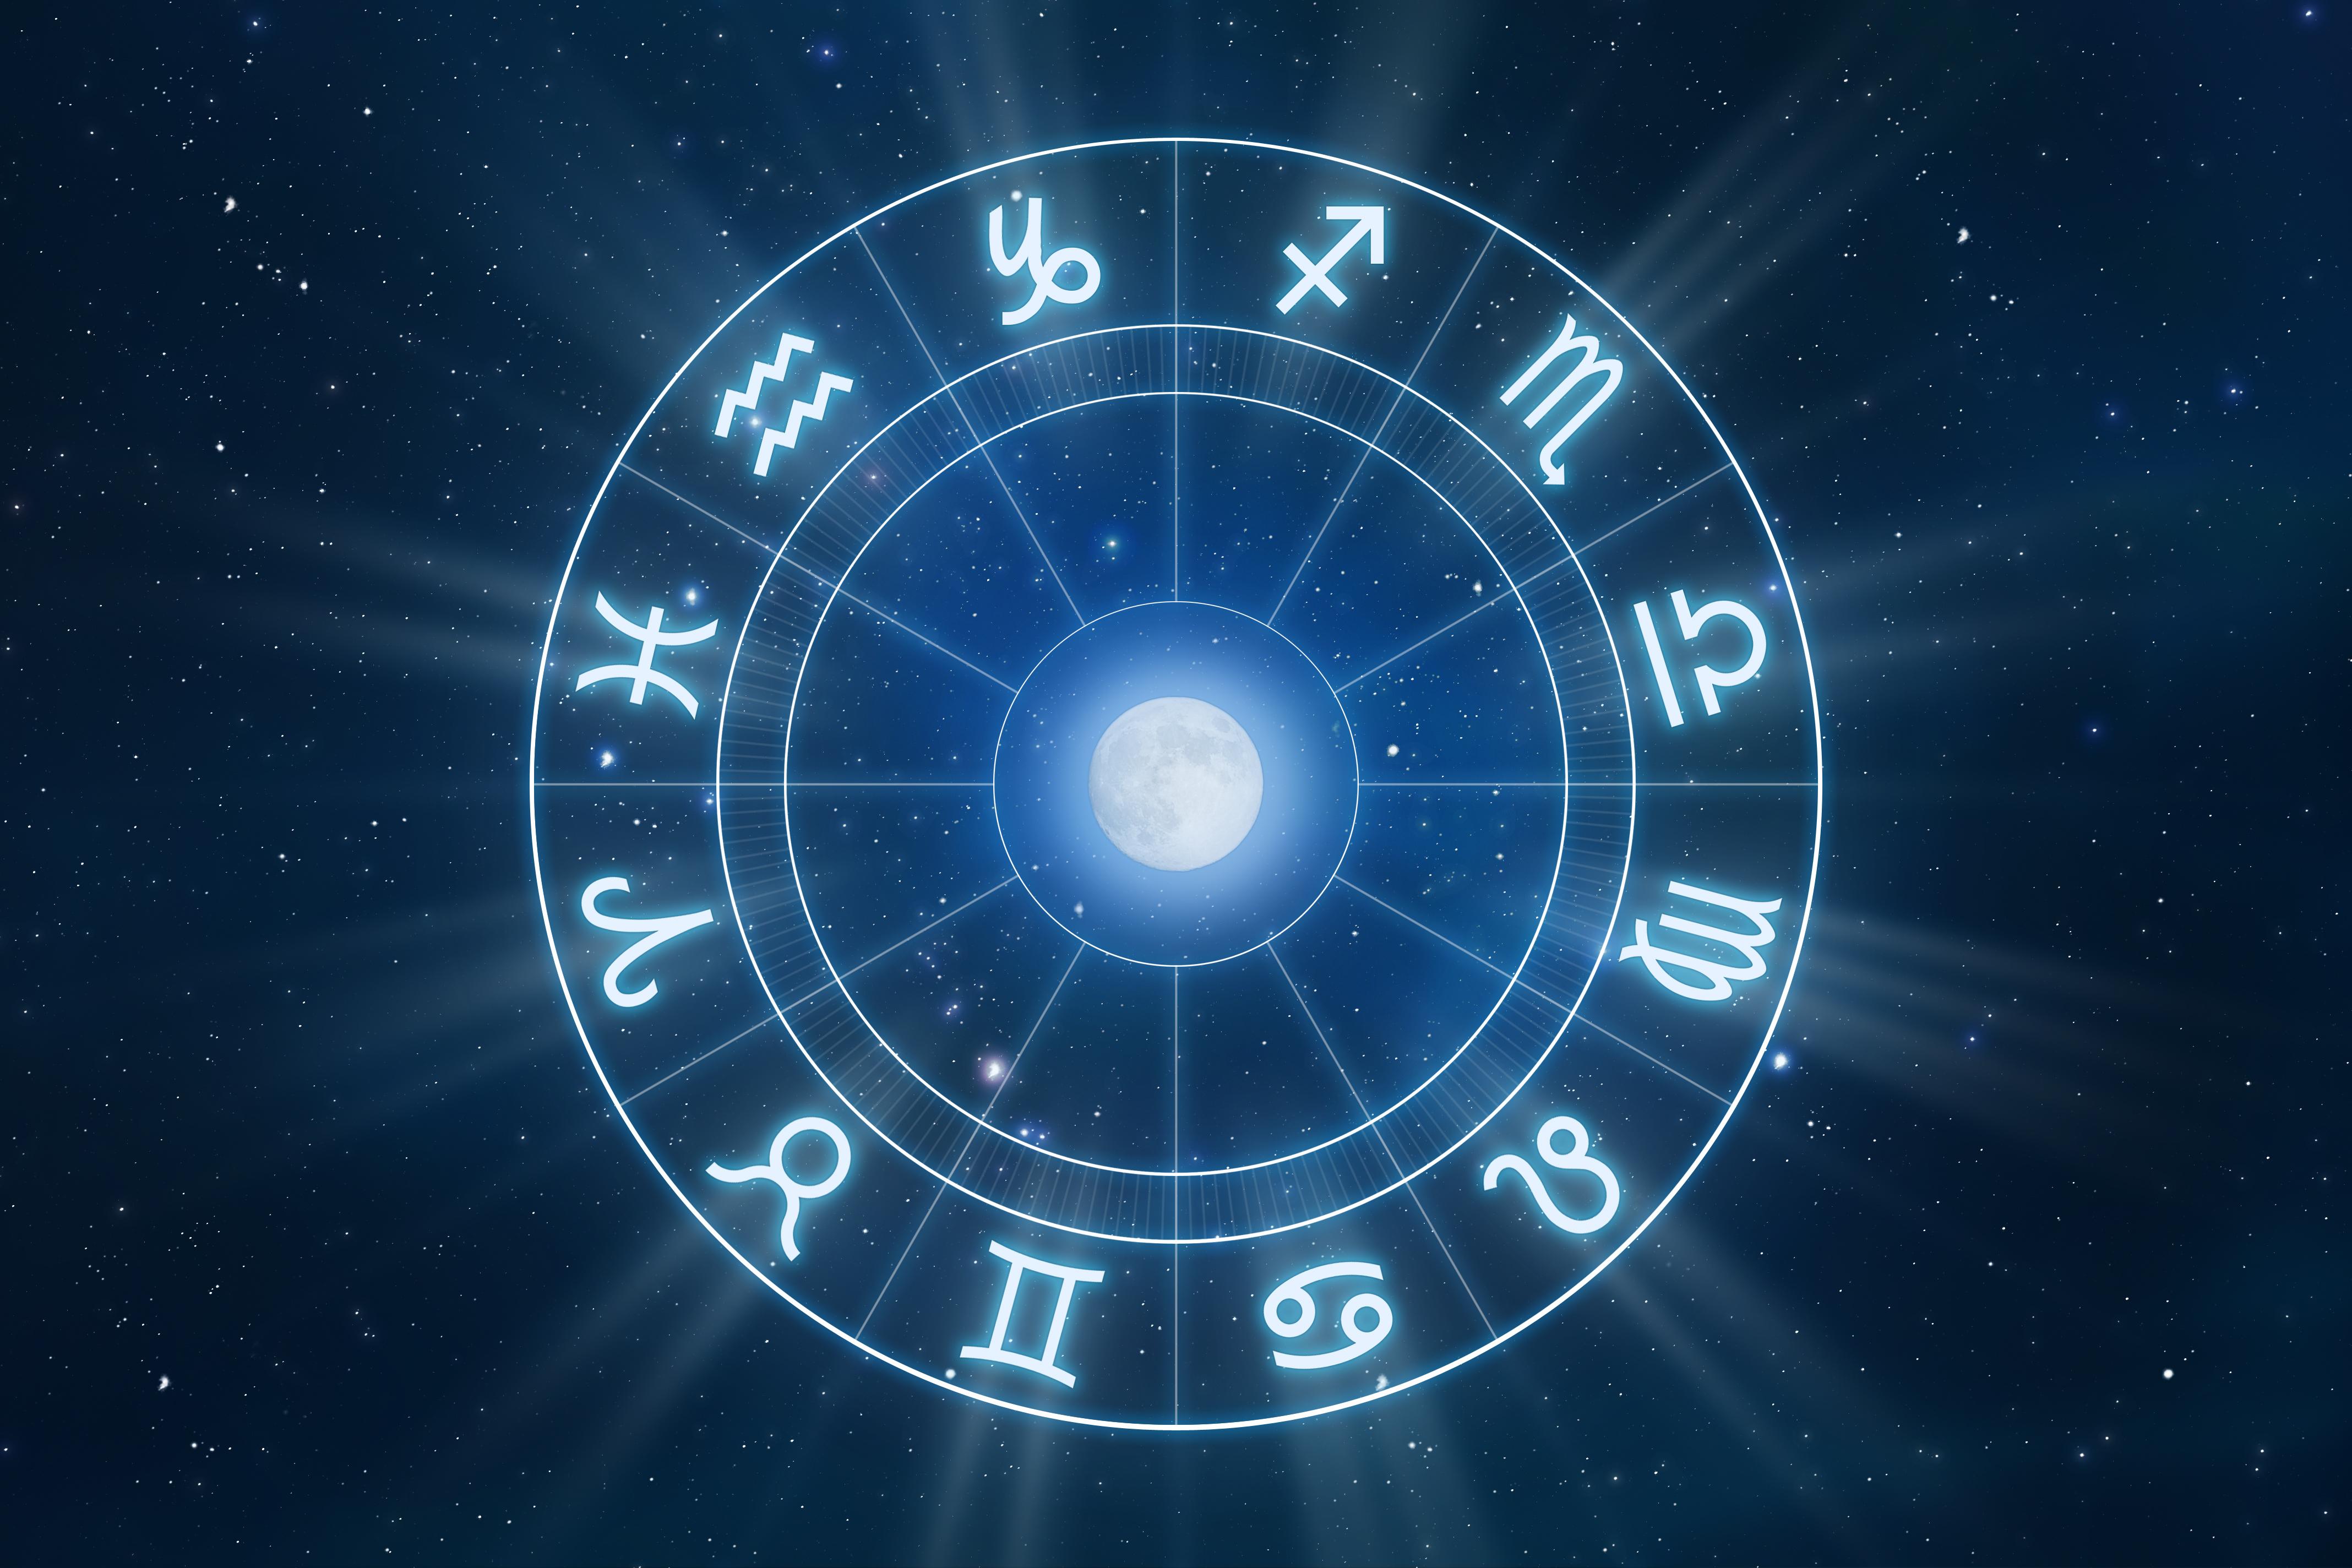 Les principaux sites pour connaître son horoscope